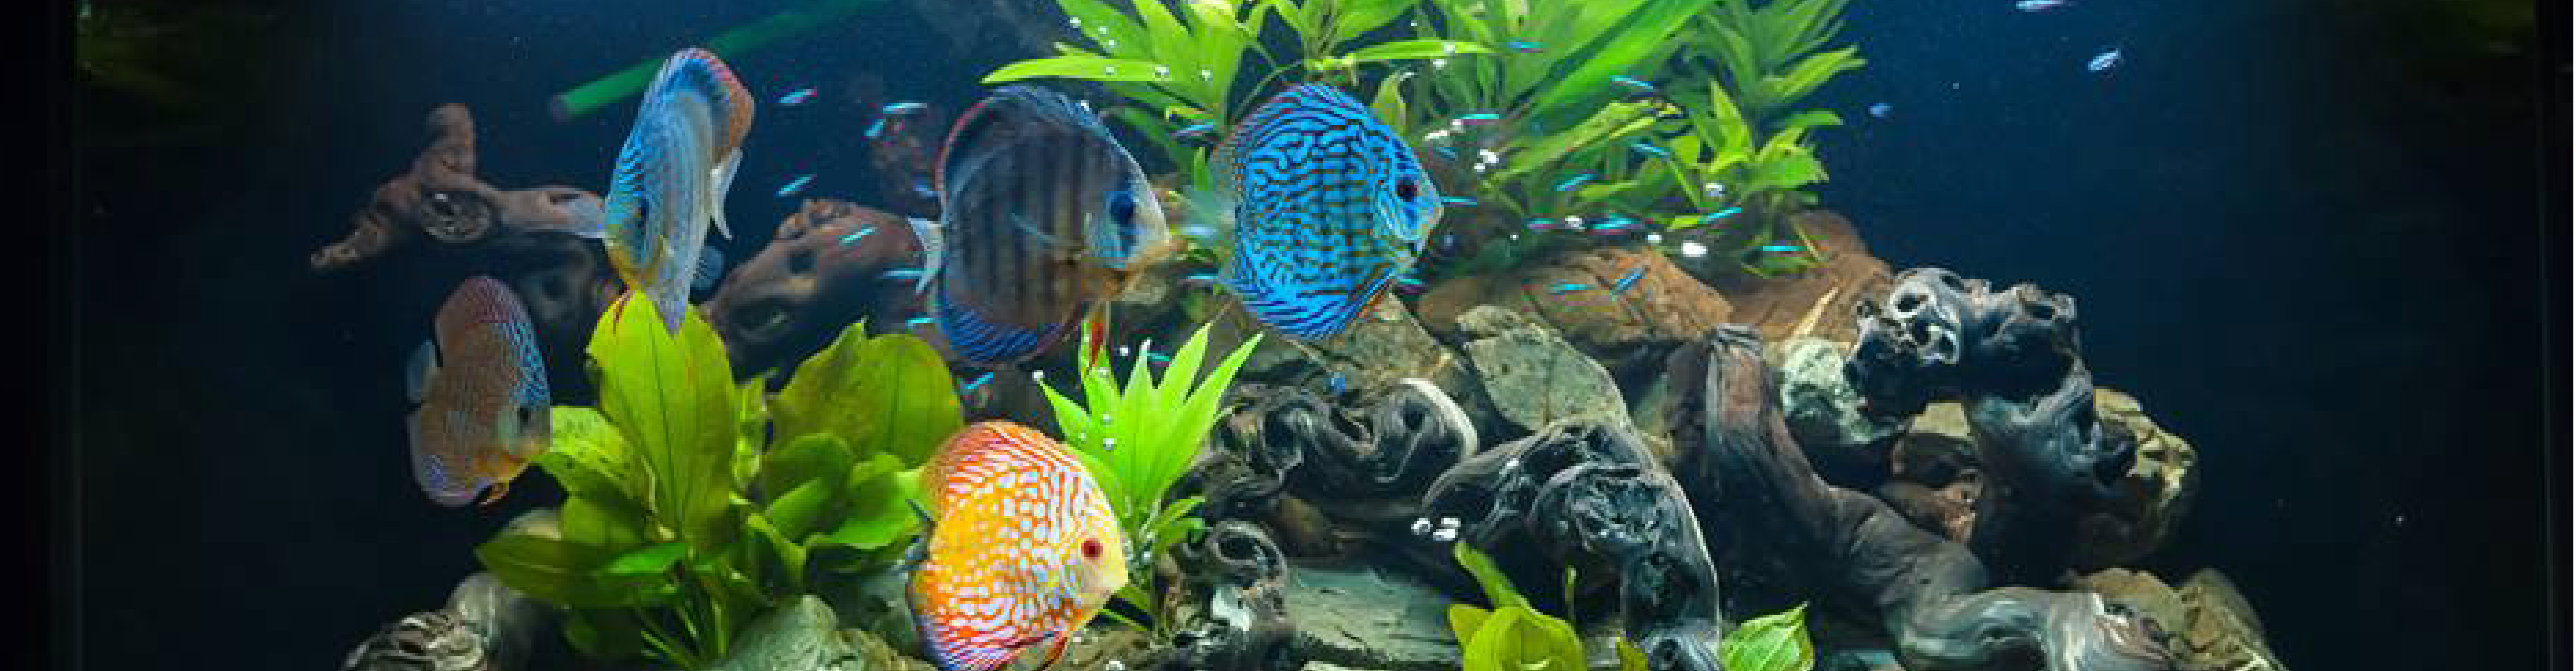 Pierres de d coration beach for Poisson decoration aquarium